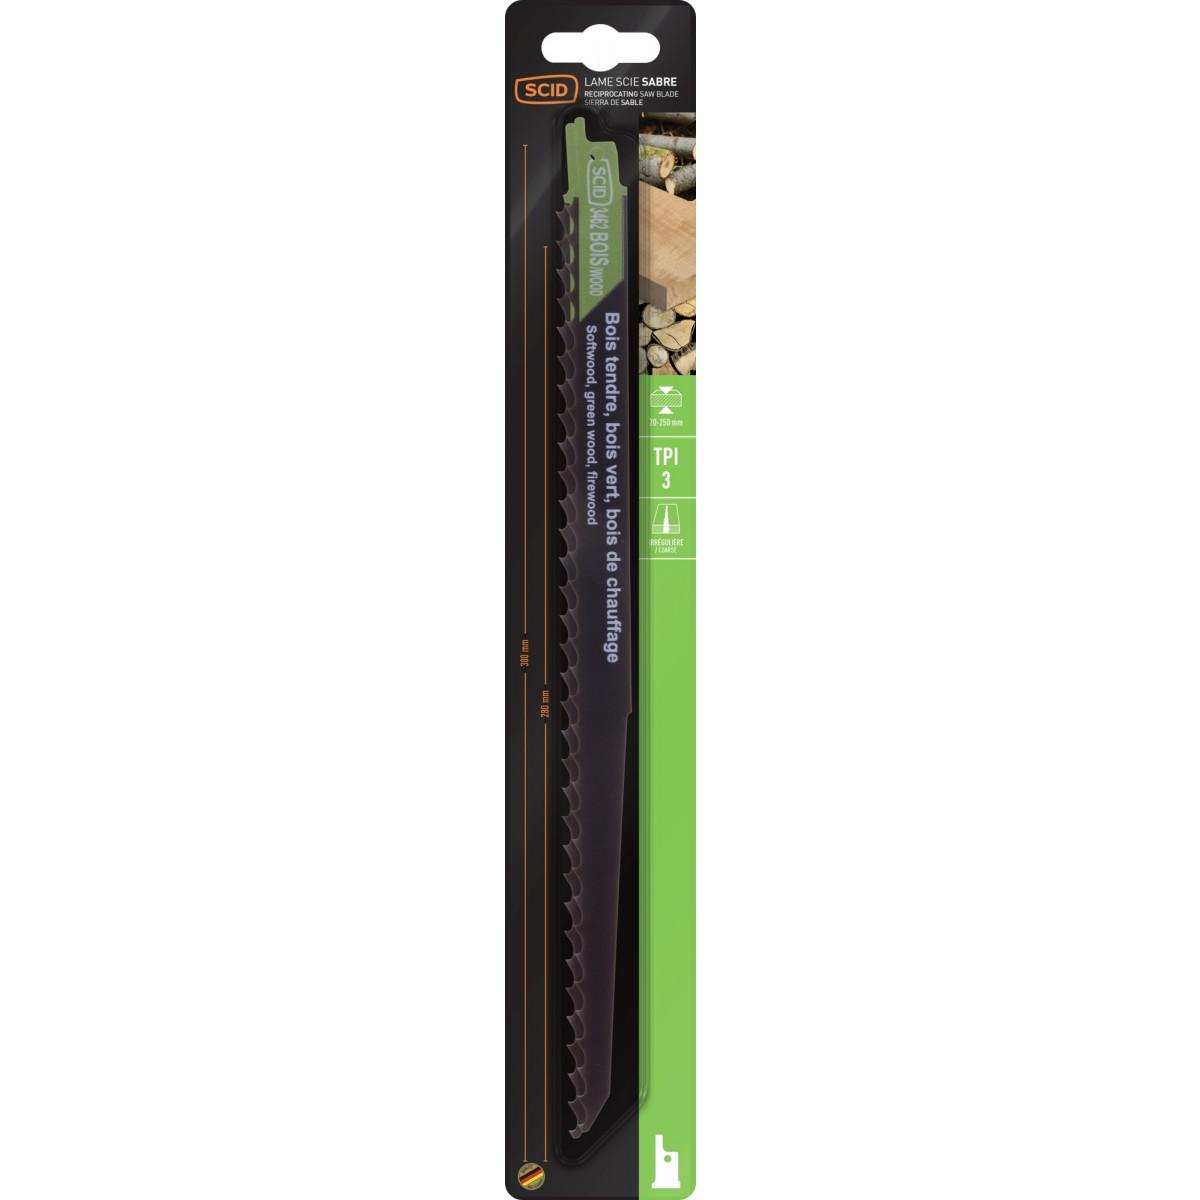 Lame de scie sabre classique bois SCID - Epaisseur 1,2 mm - Longueur 300 mm - Vendu par 2